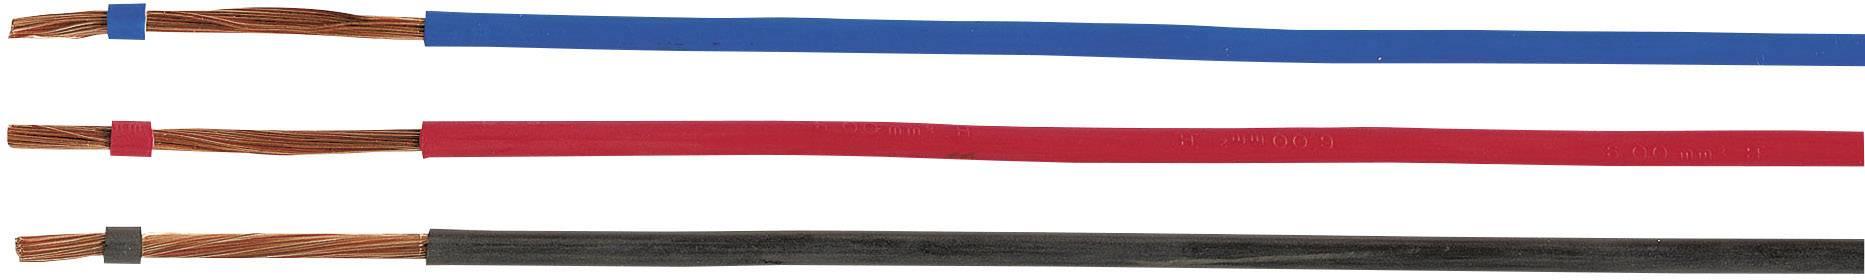 Opletenie / lanko Helukabel 51790 H07Z-K, 1 x 4 mm², vonkajší Ø 4.90 mm, metrový tovar, červená